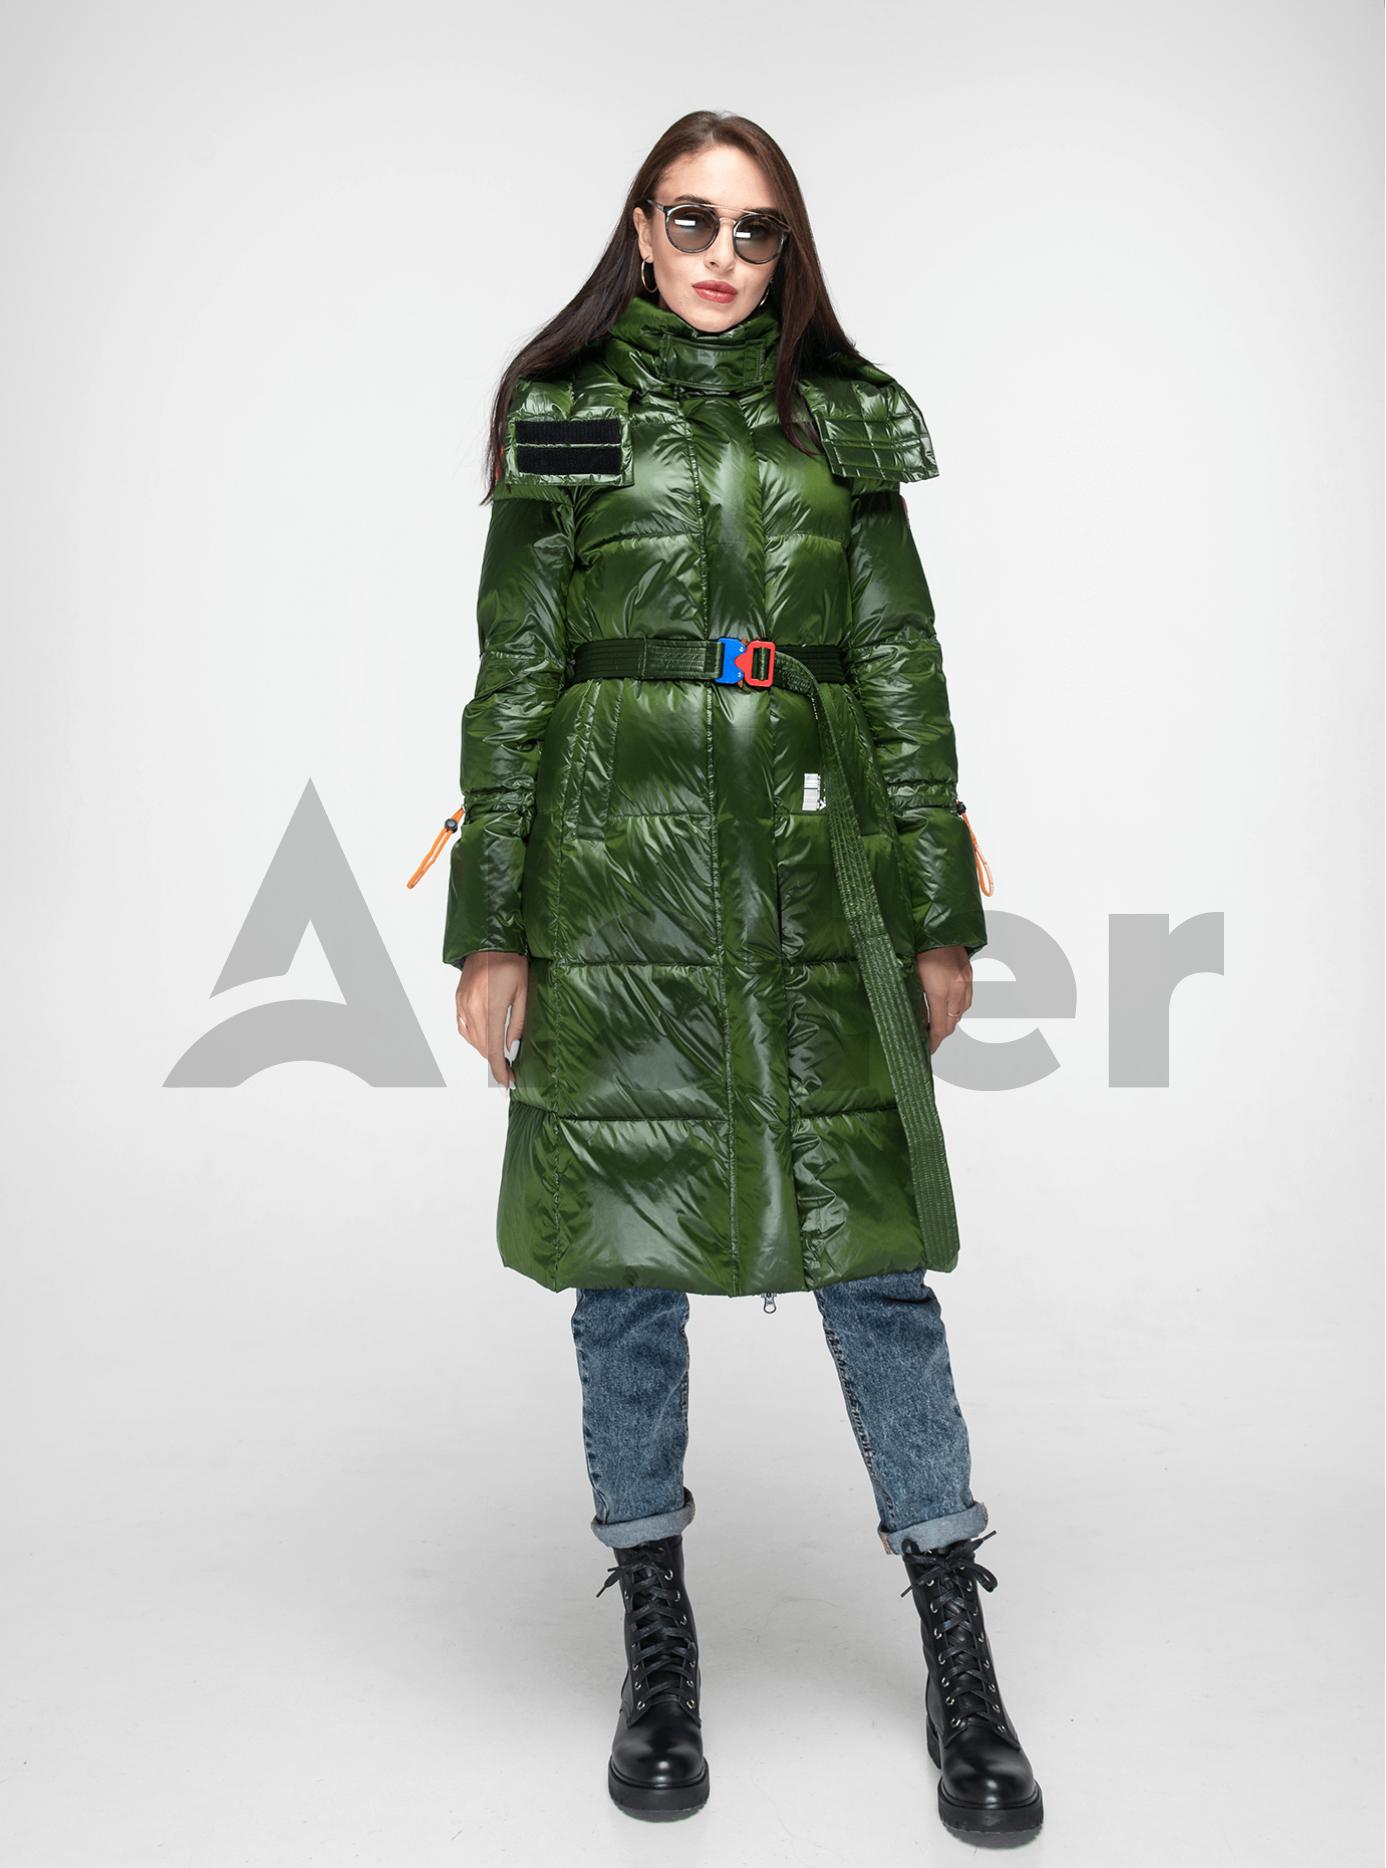 Пуховик женский длинный с поясом Зелёный S (02-Y191105): фото - Alster.ua